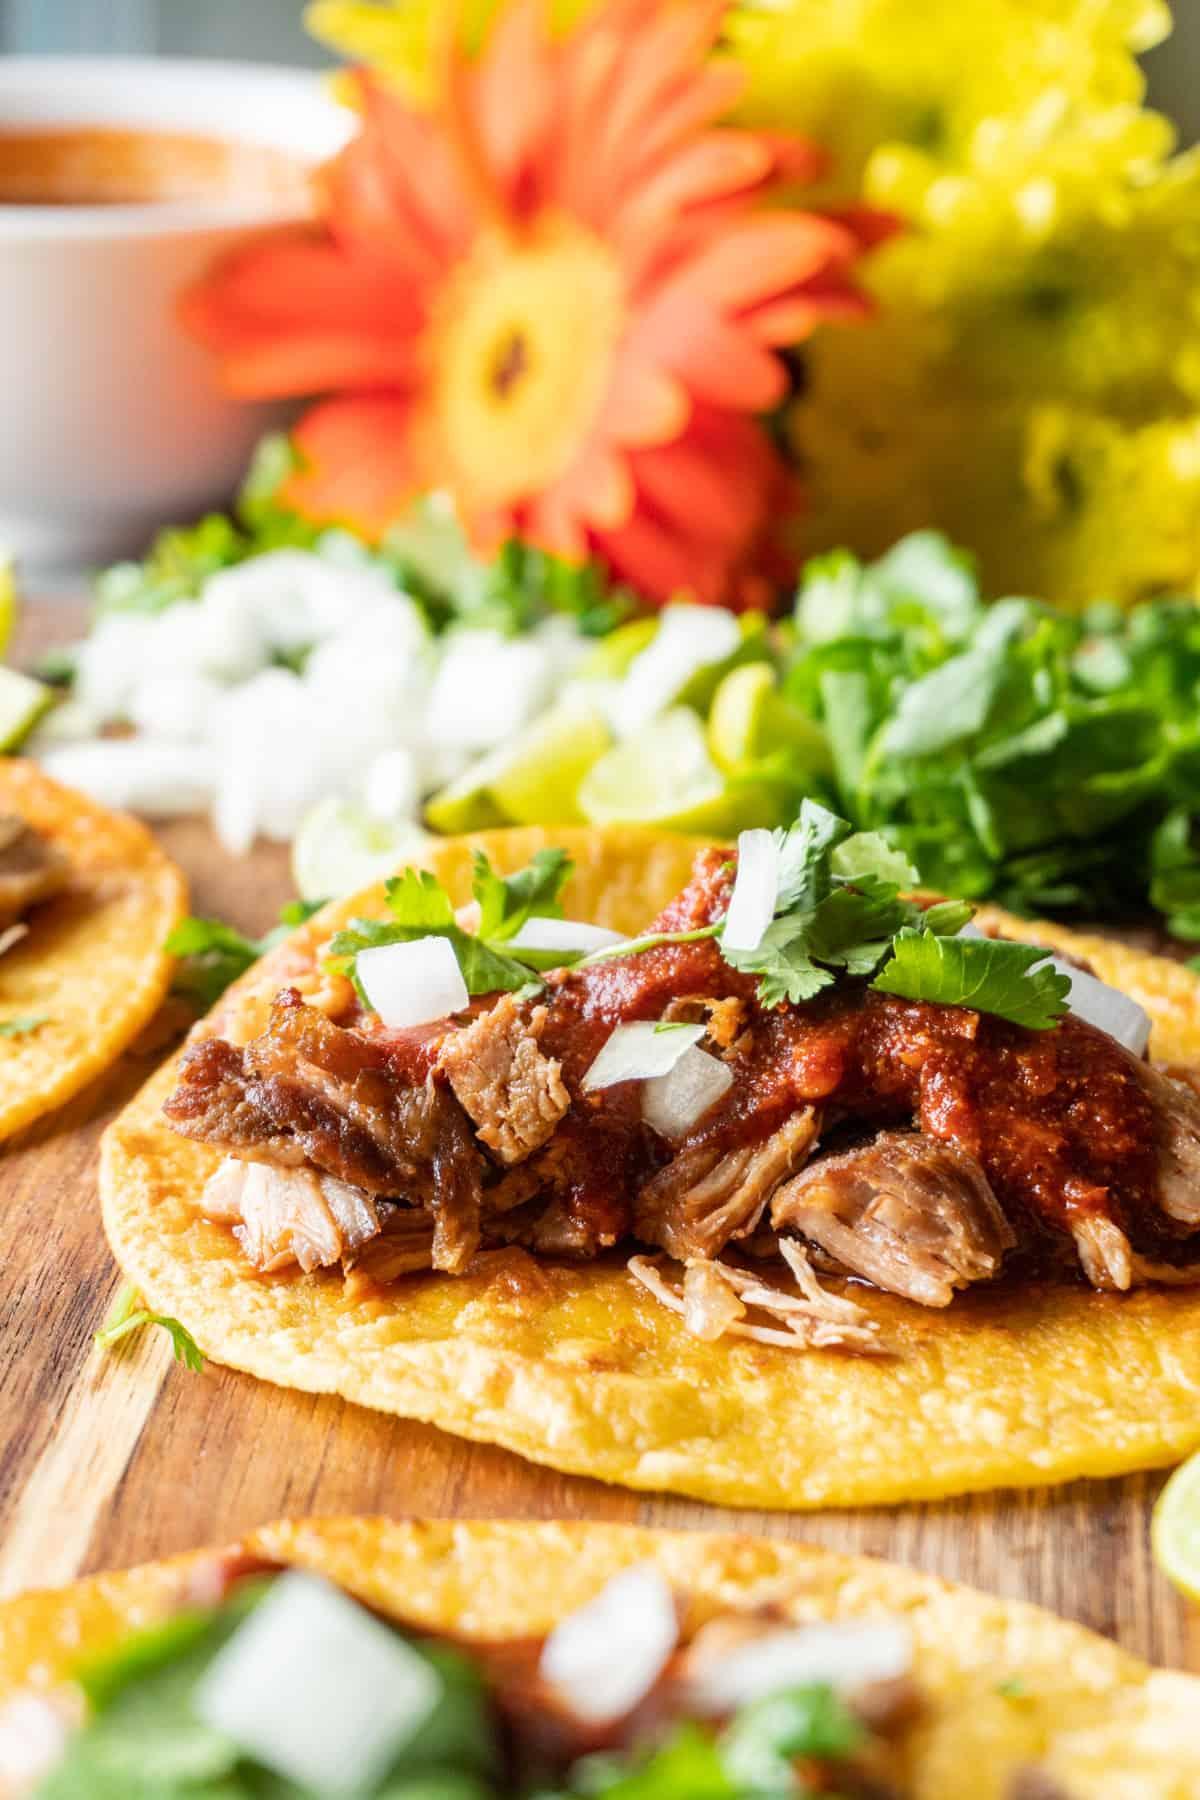 Carnita Taco Open faced